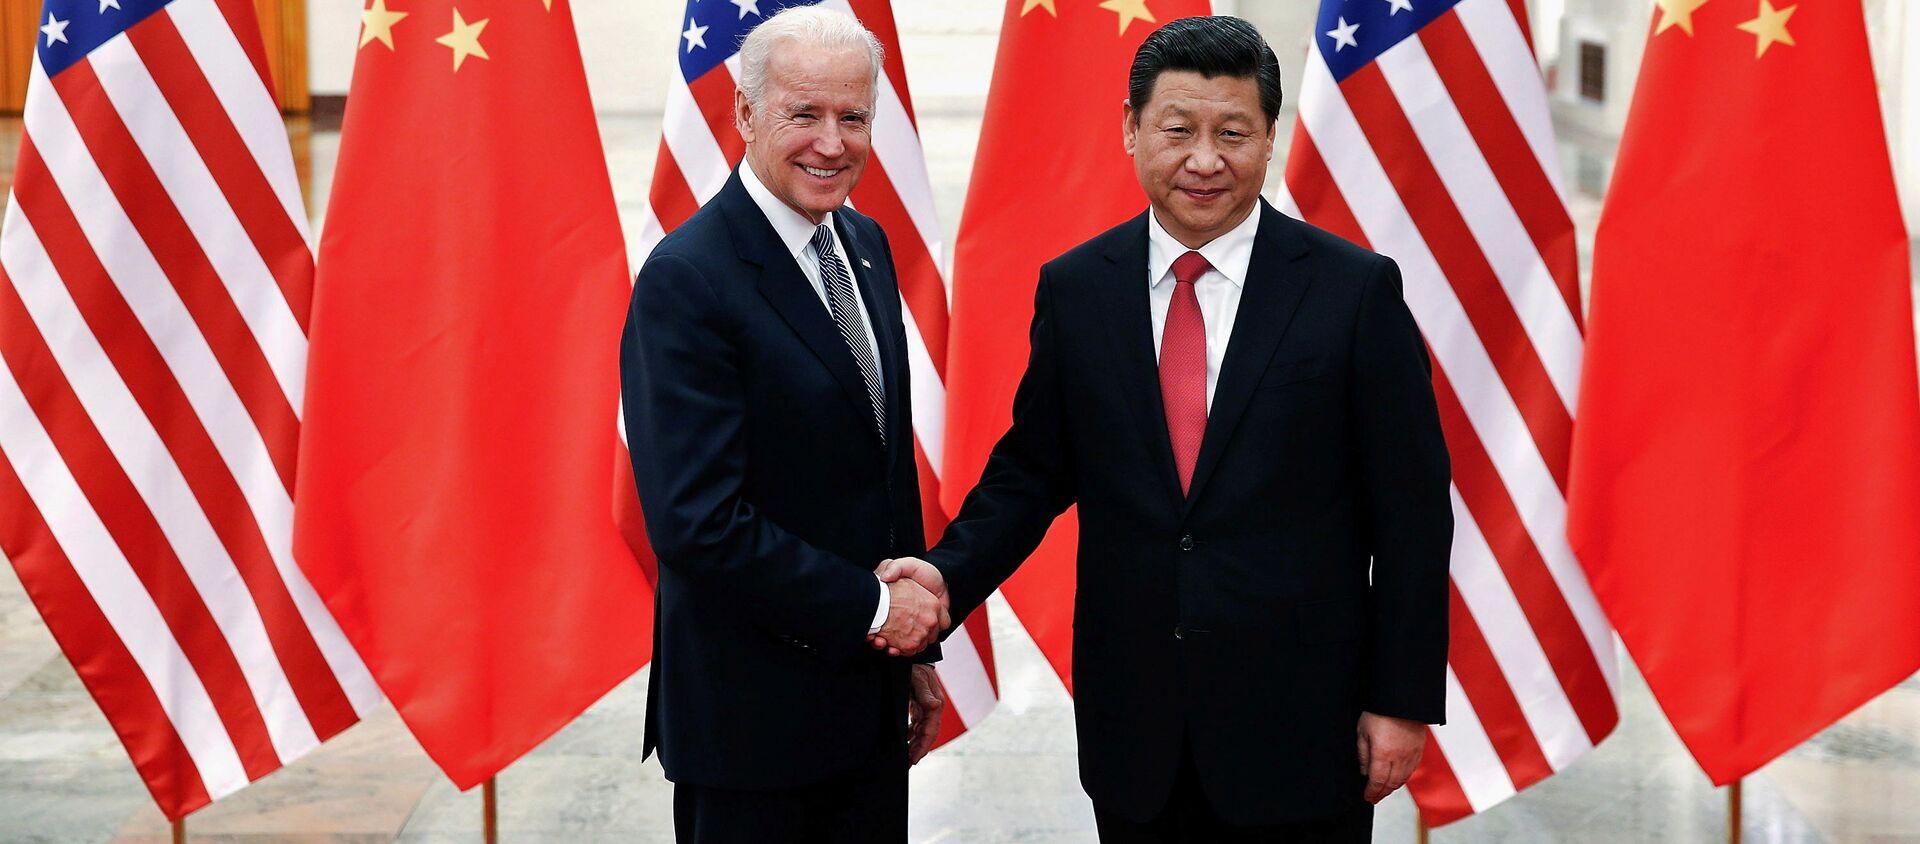 Przewodniczący Chin Xi Jinping i wiceprezydent USA Joe Biden w Pekinie. 2013 r.  - Sputnik Polska, 1920, 28.02.2021